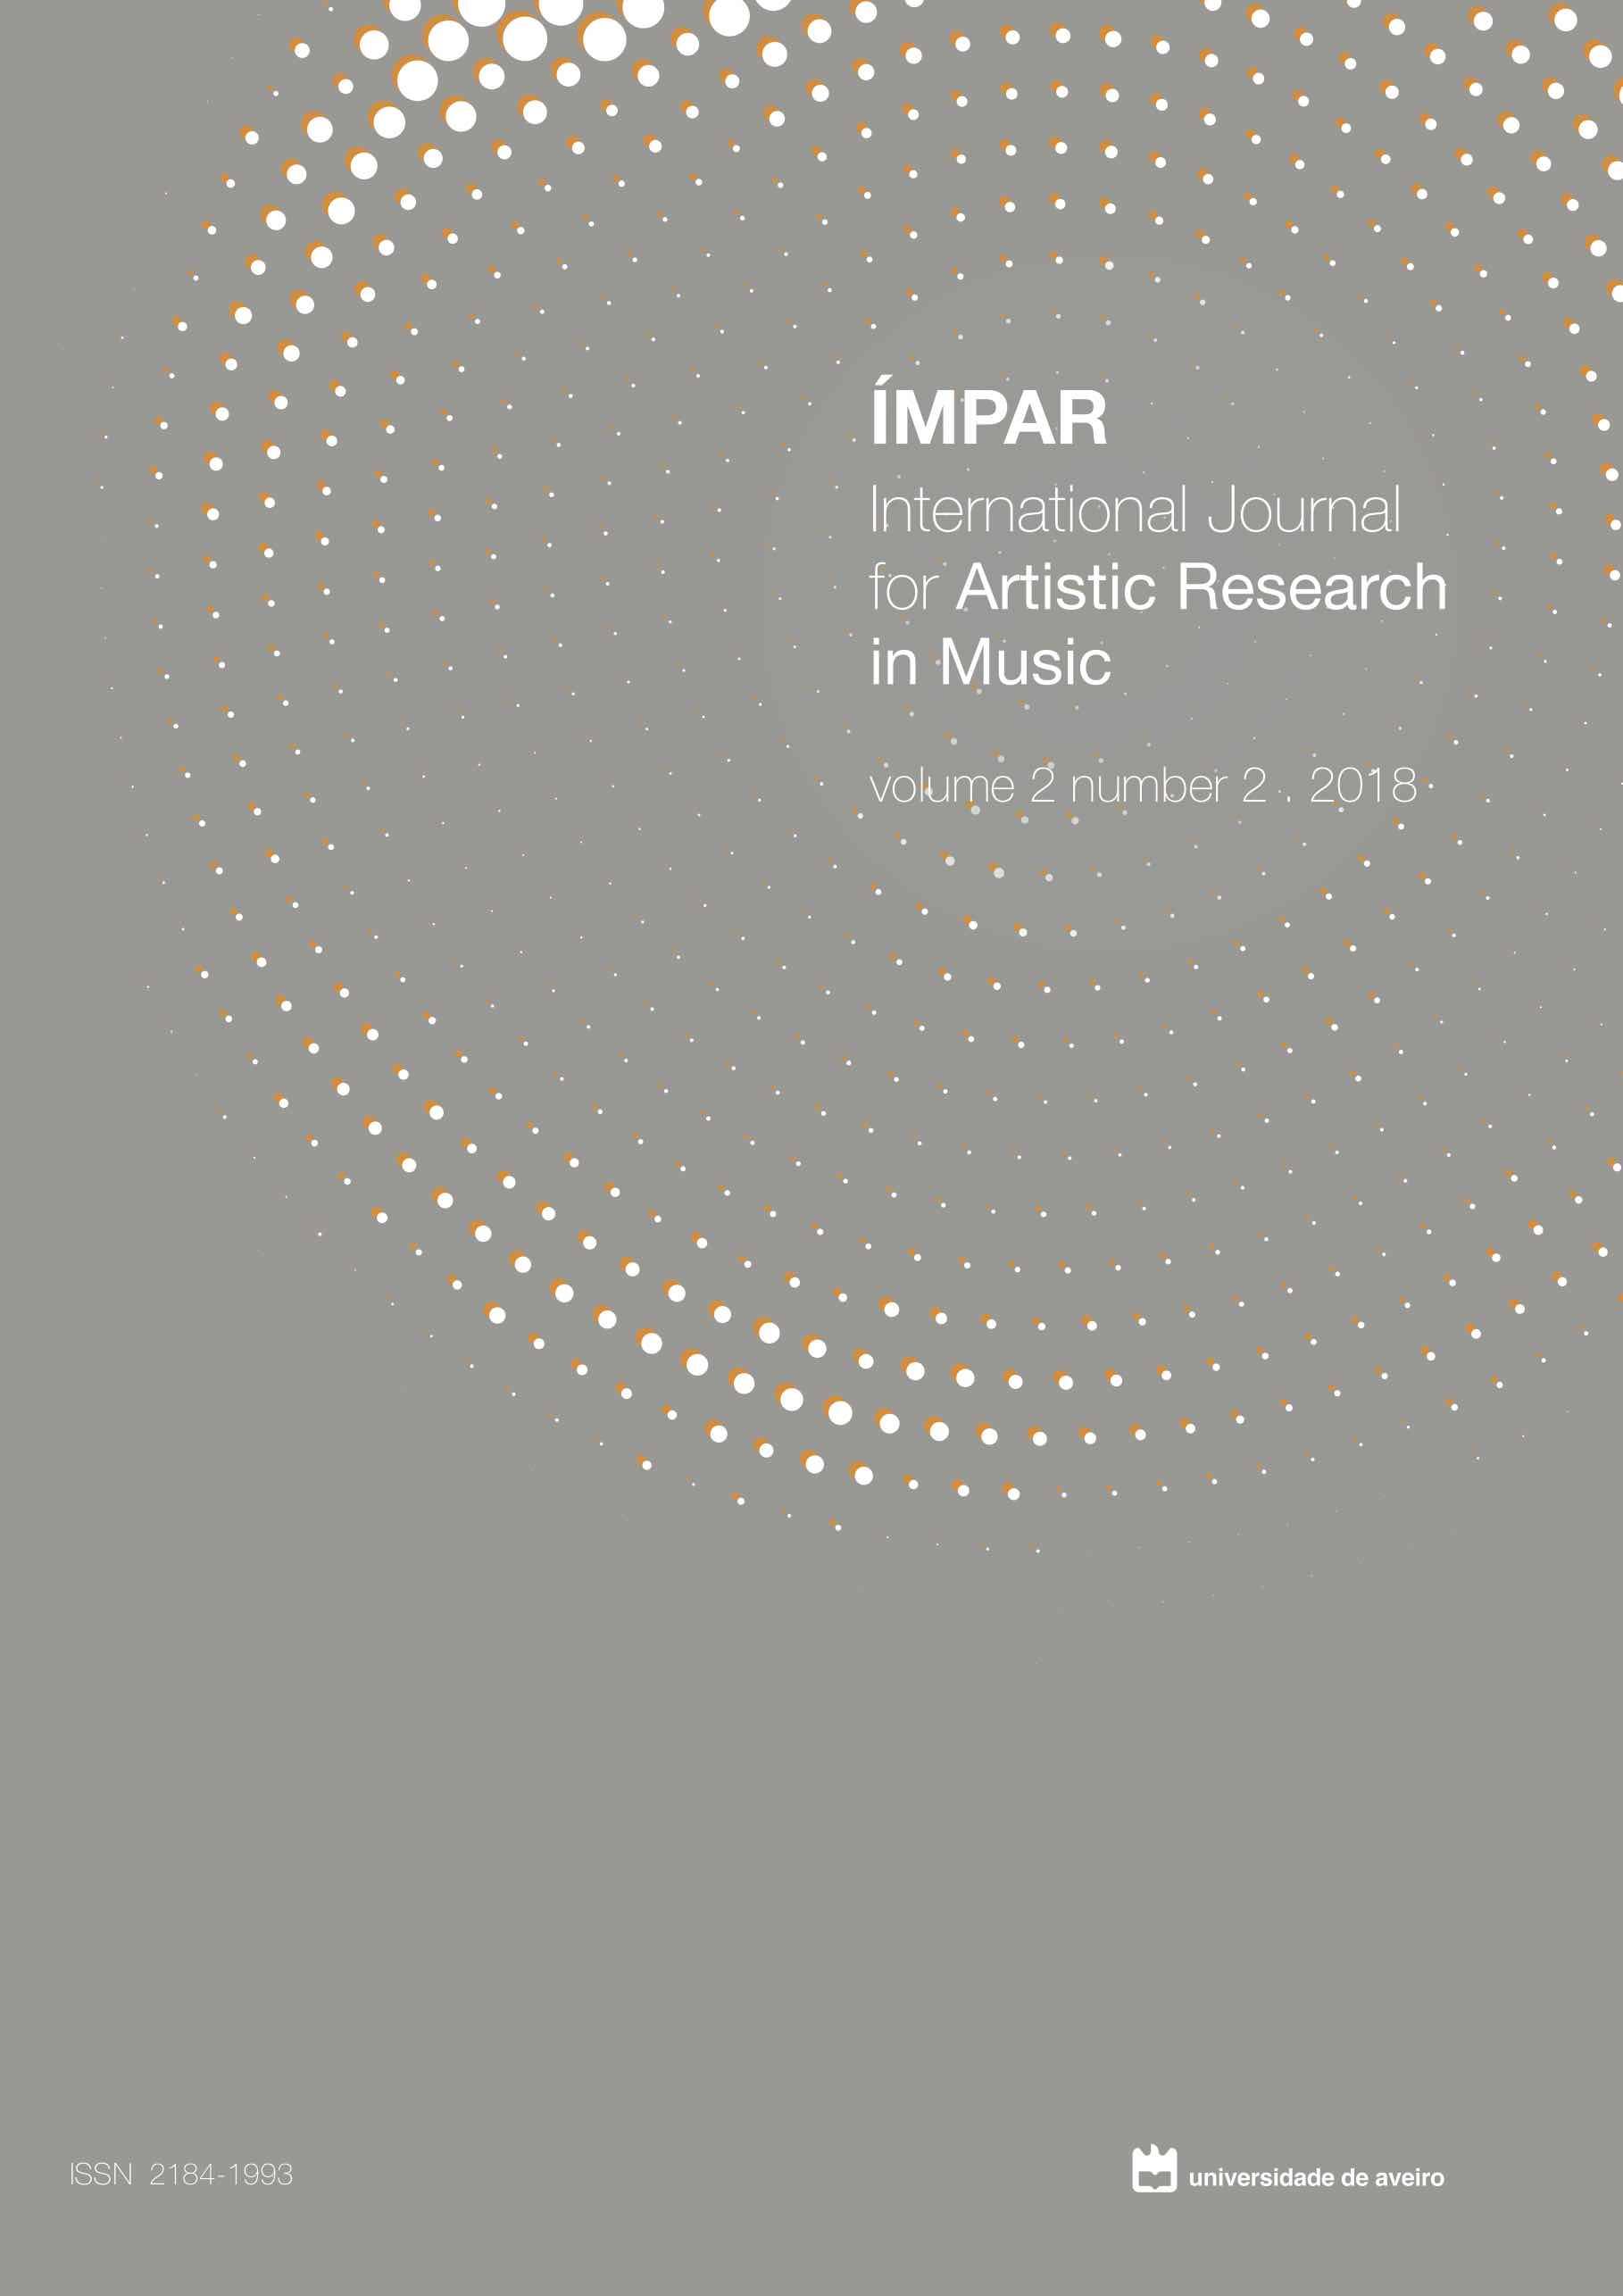 Imagem da capa do vol.2, nº2 (2018) da revista IMPAR